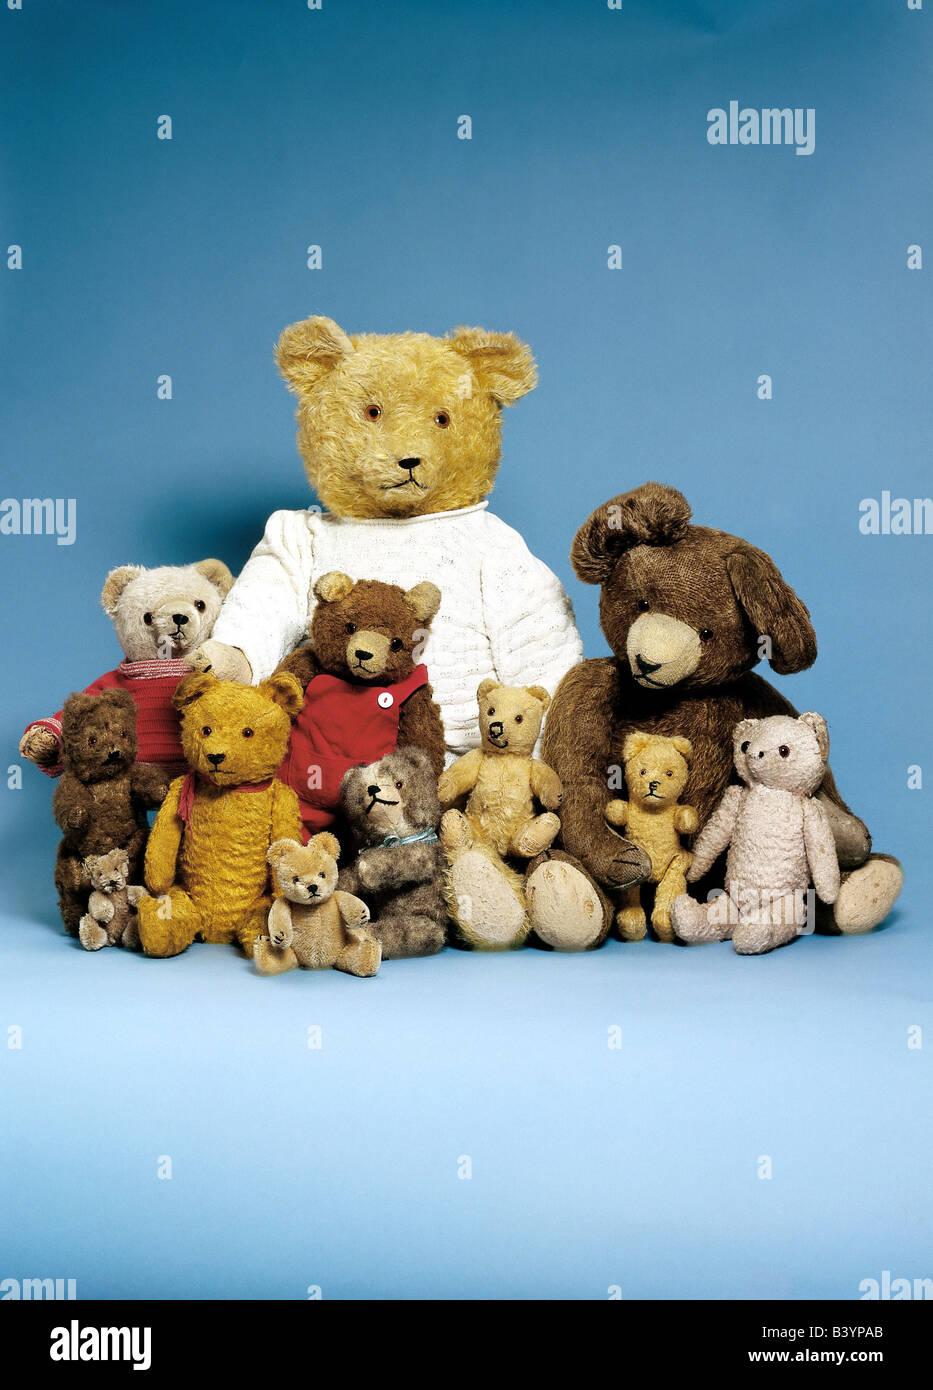 Toys From The 40s : Toys teddy bears teddies s historic